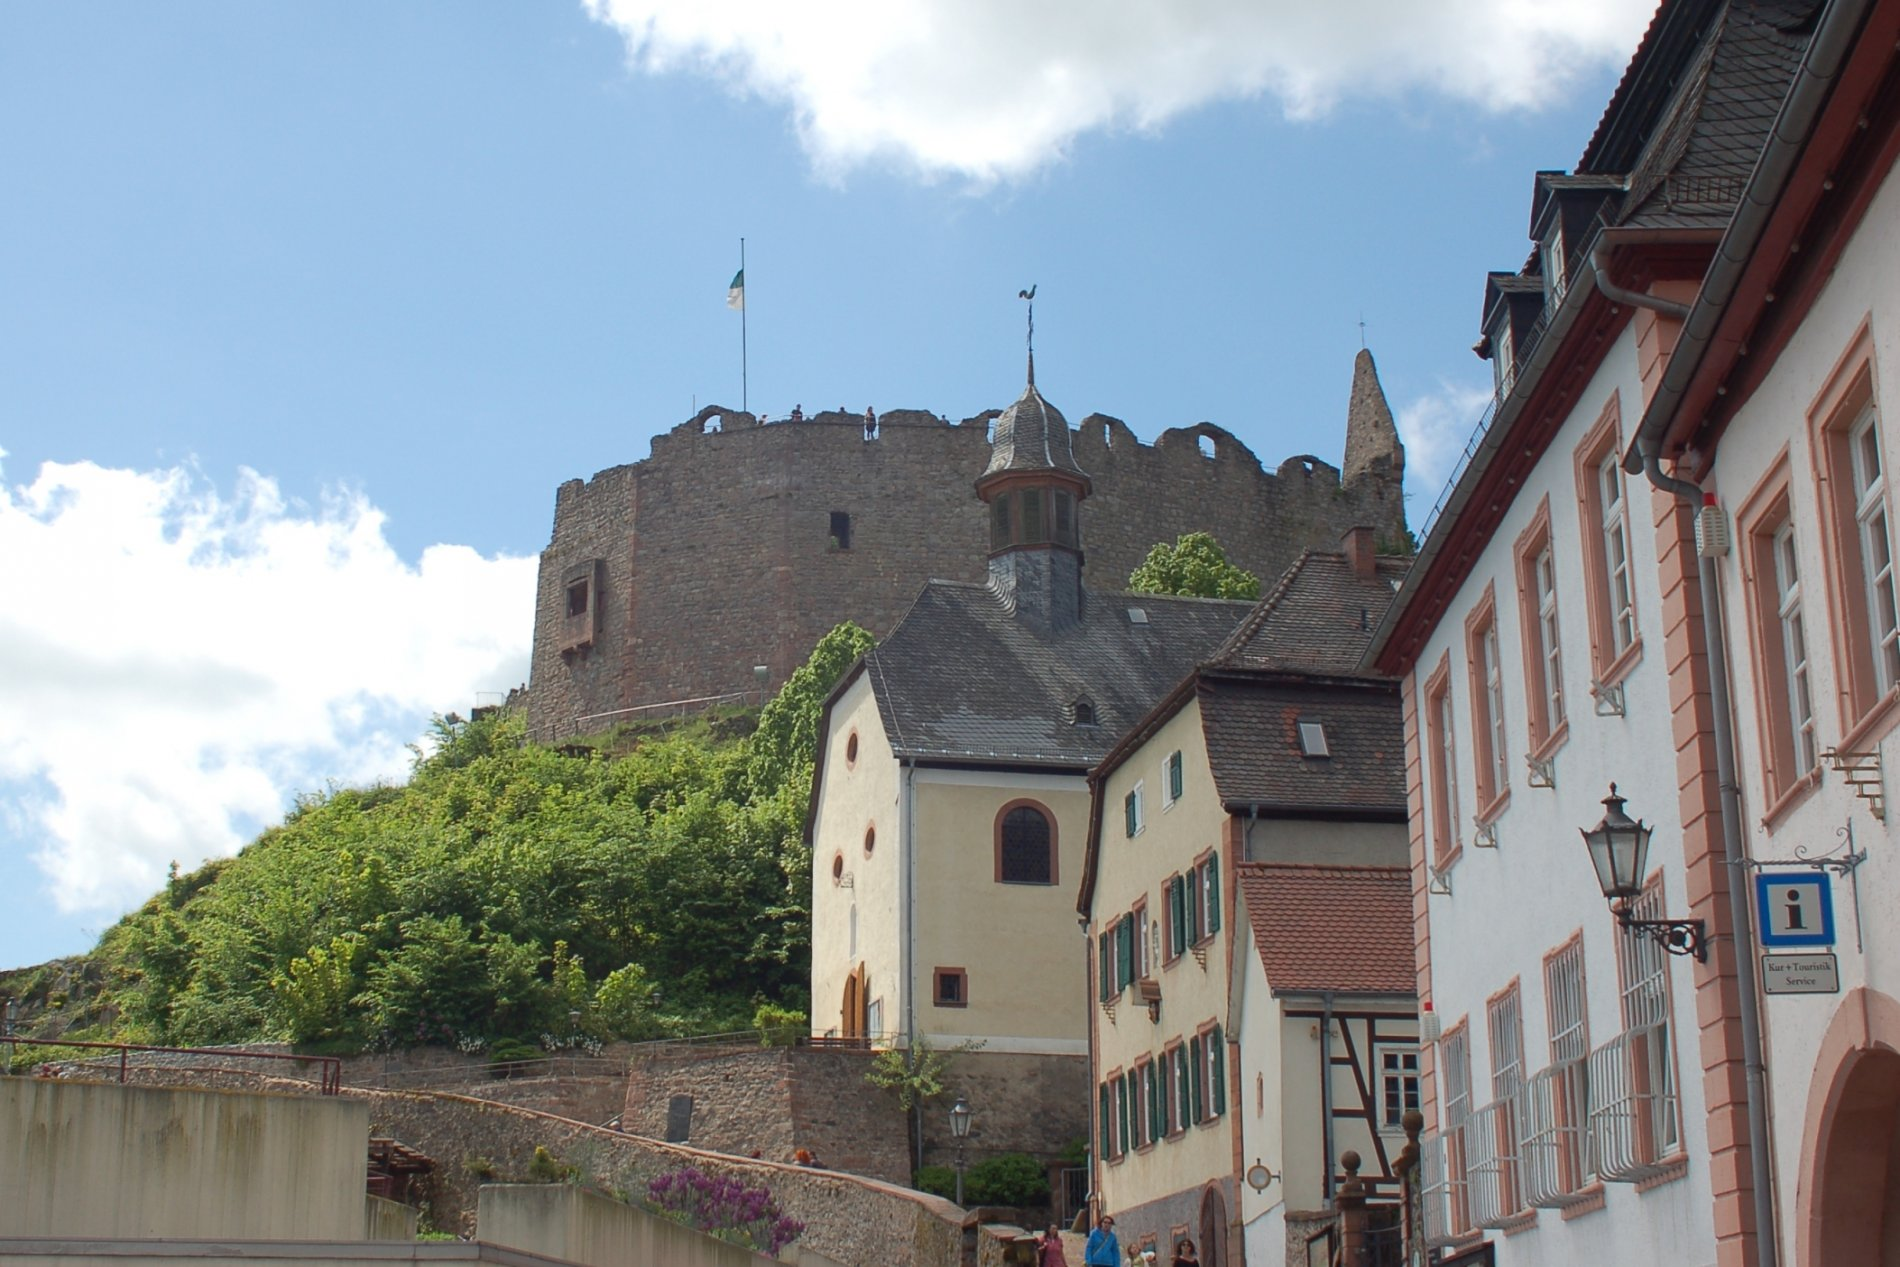 Am Fuß der Burg Lindenfels ist der Kur- und Touristikservice zu finden.